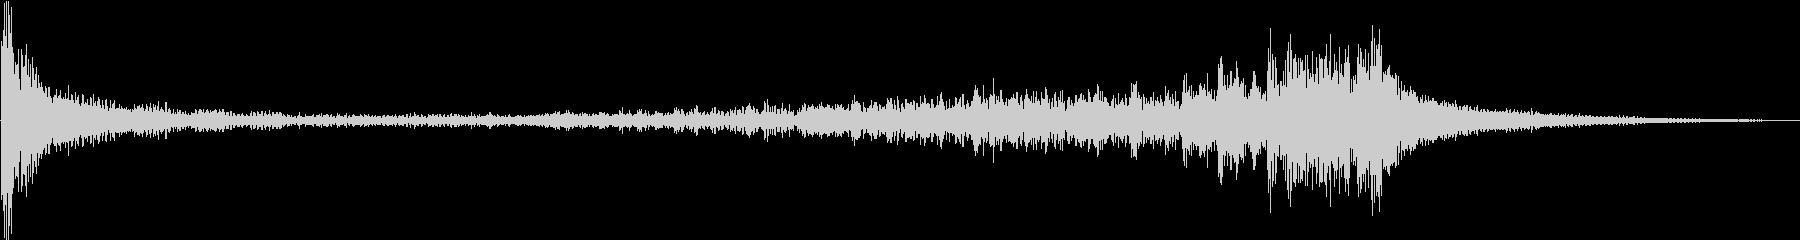 ティンパニ:ロールB、クレッシェンドの未再生の波形